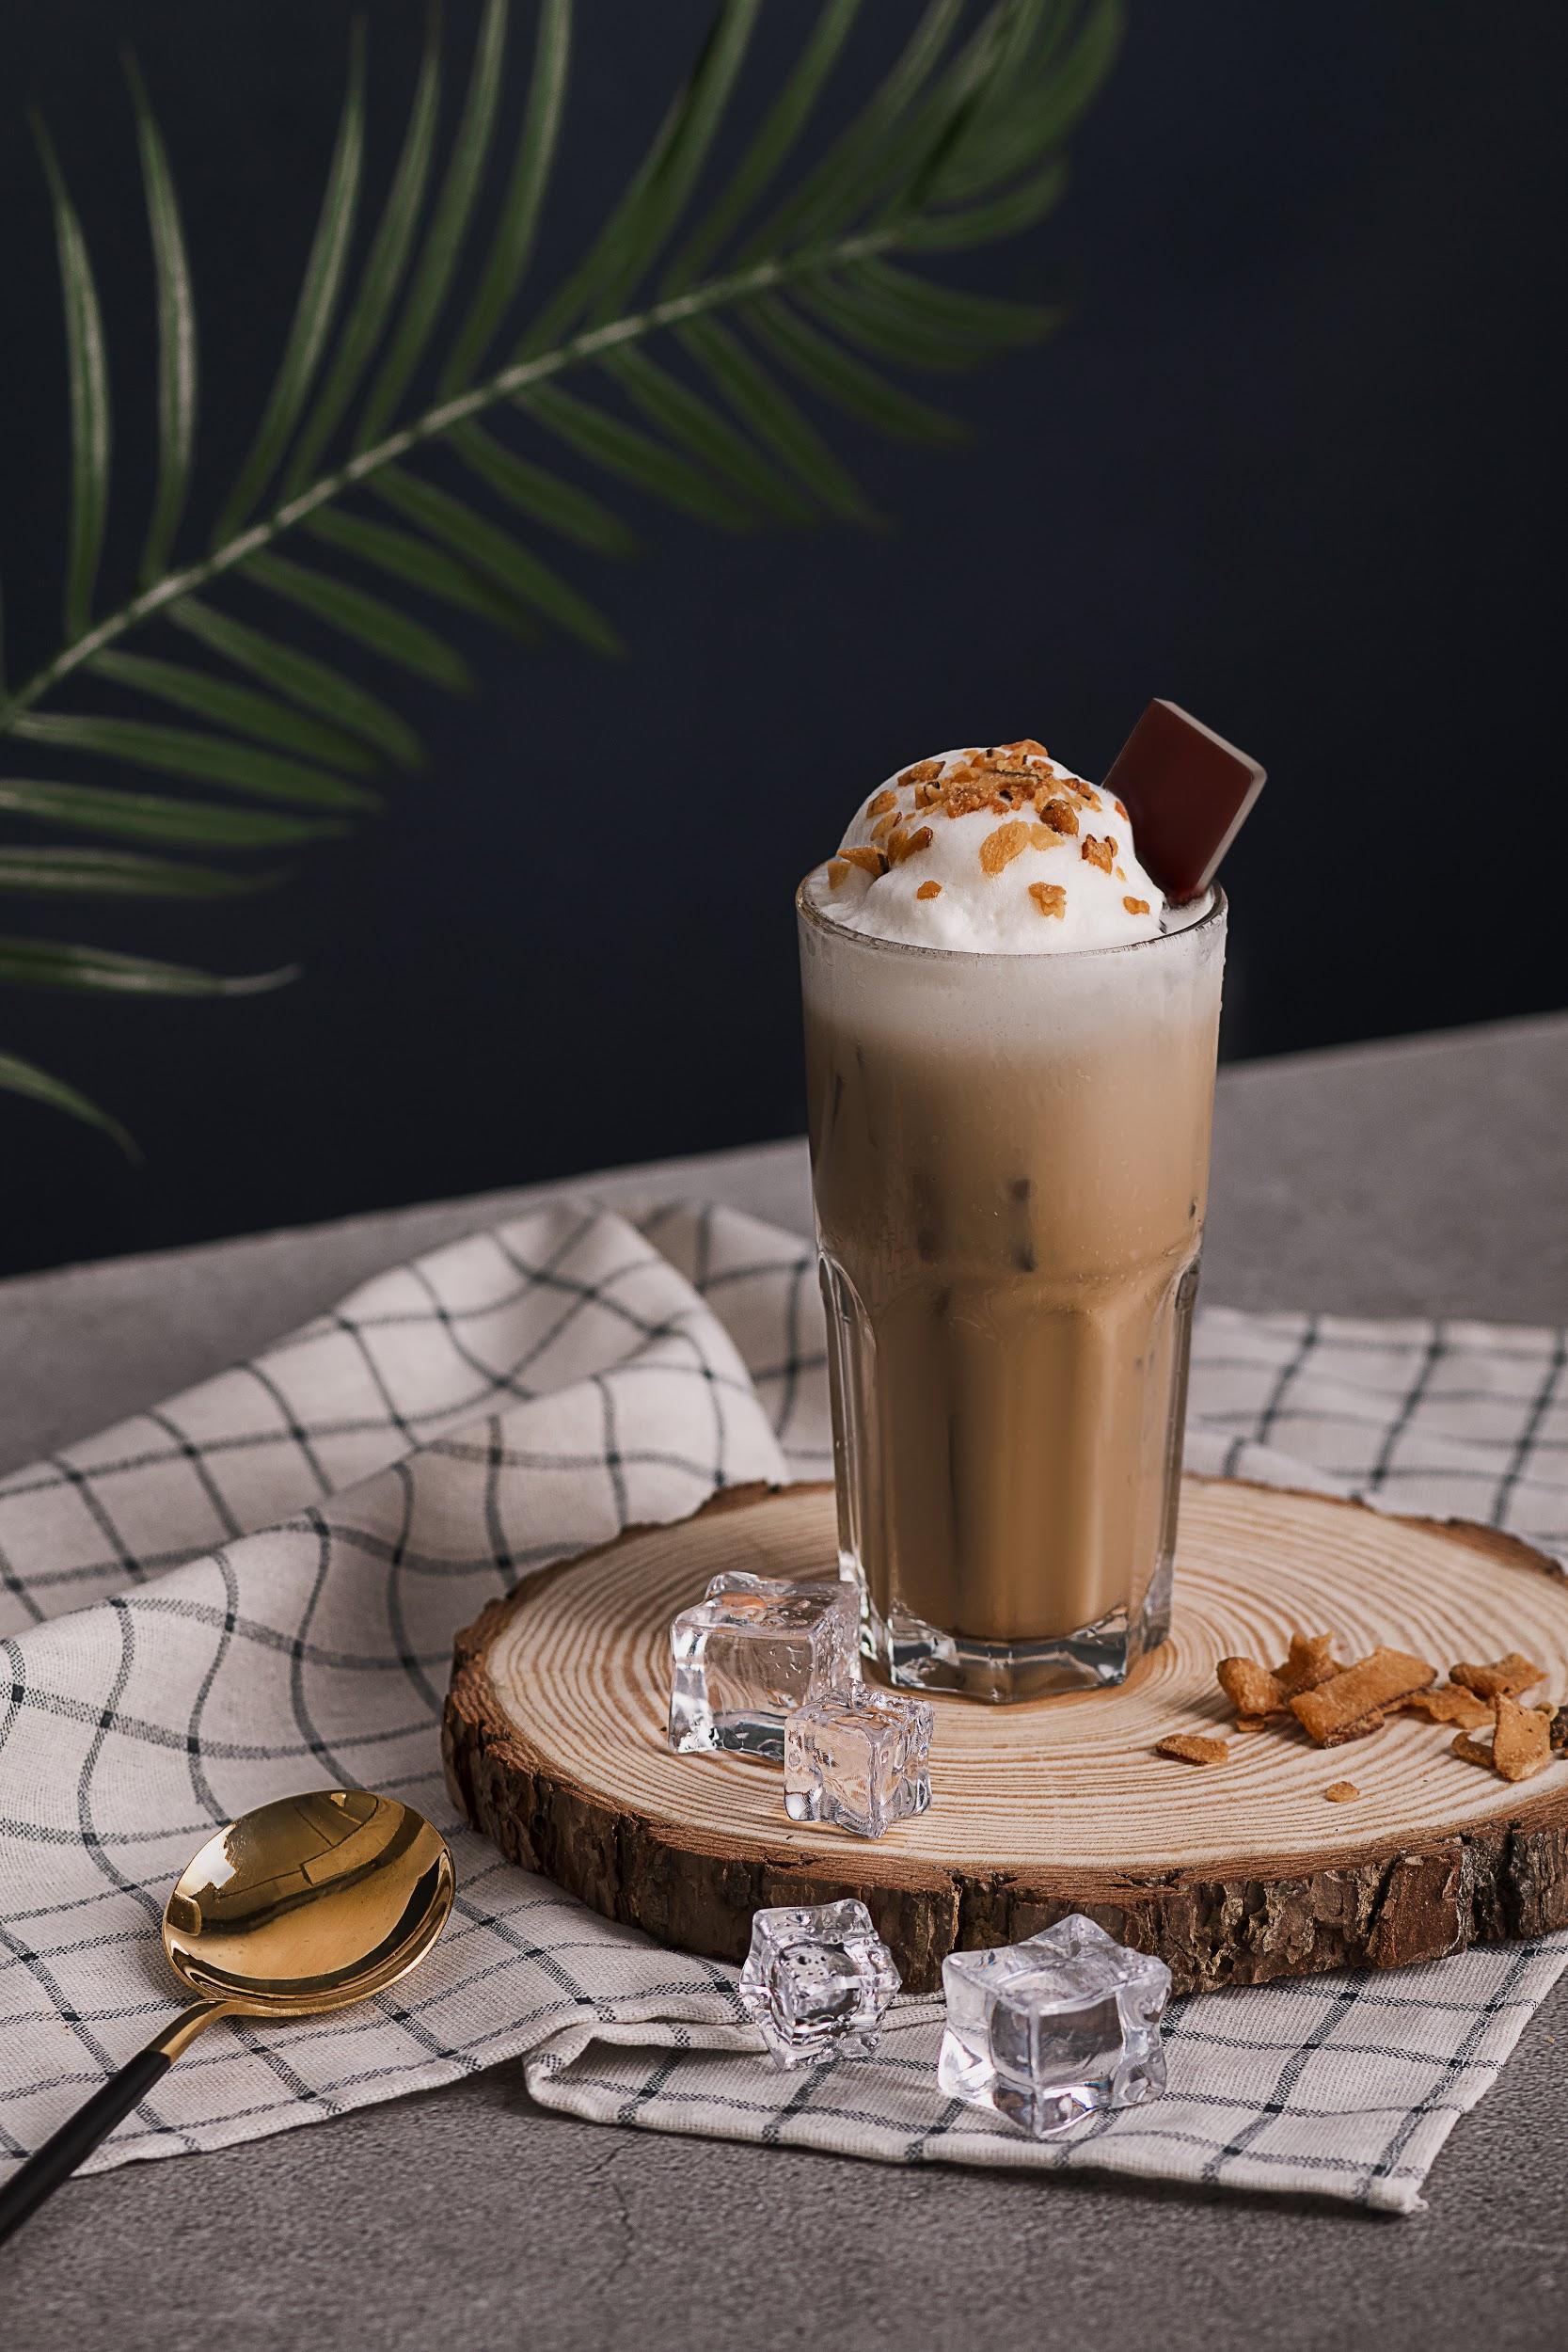 Hết Dalgona Coffee, trứng bồng bềnh, nay lại có hai công thức cà phê mới cho giới trẻ tha hồ trổ tài pha chế tại nhà chuẩn như ngoài tiệm - Ảnh 3.